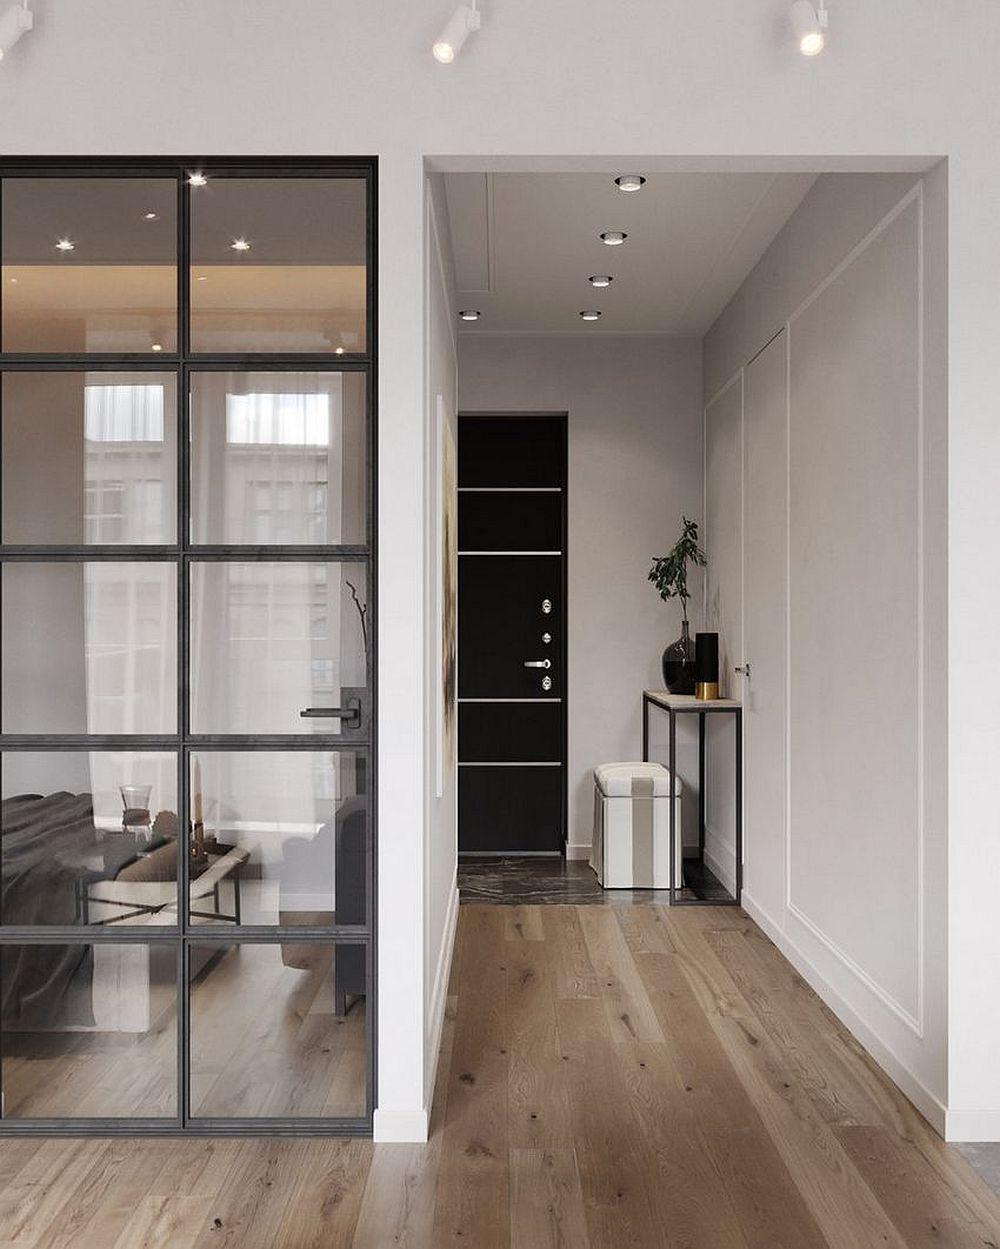 În cadrul camerei a fost separat locul pentru dormit cu un perete fals către hol și dressing, dar cu tâmplărie către restul camerei. Astfel lumina naturală pătrunde și în locul destinat odihnei.